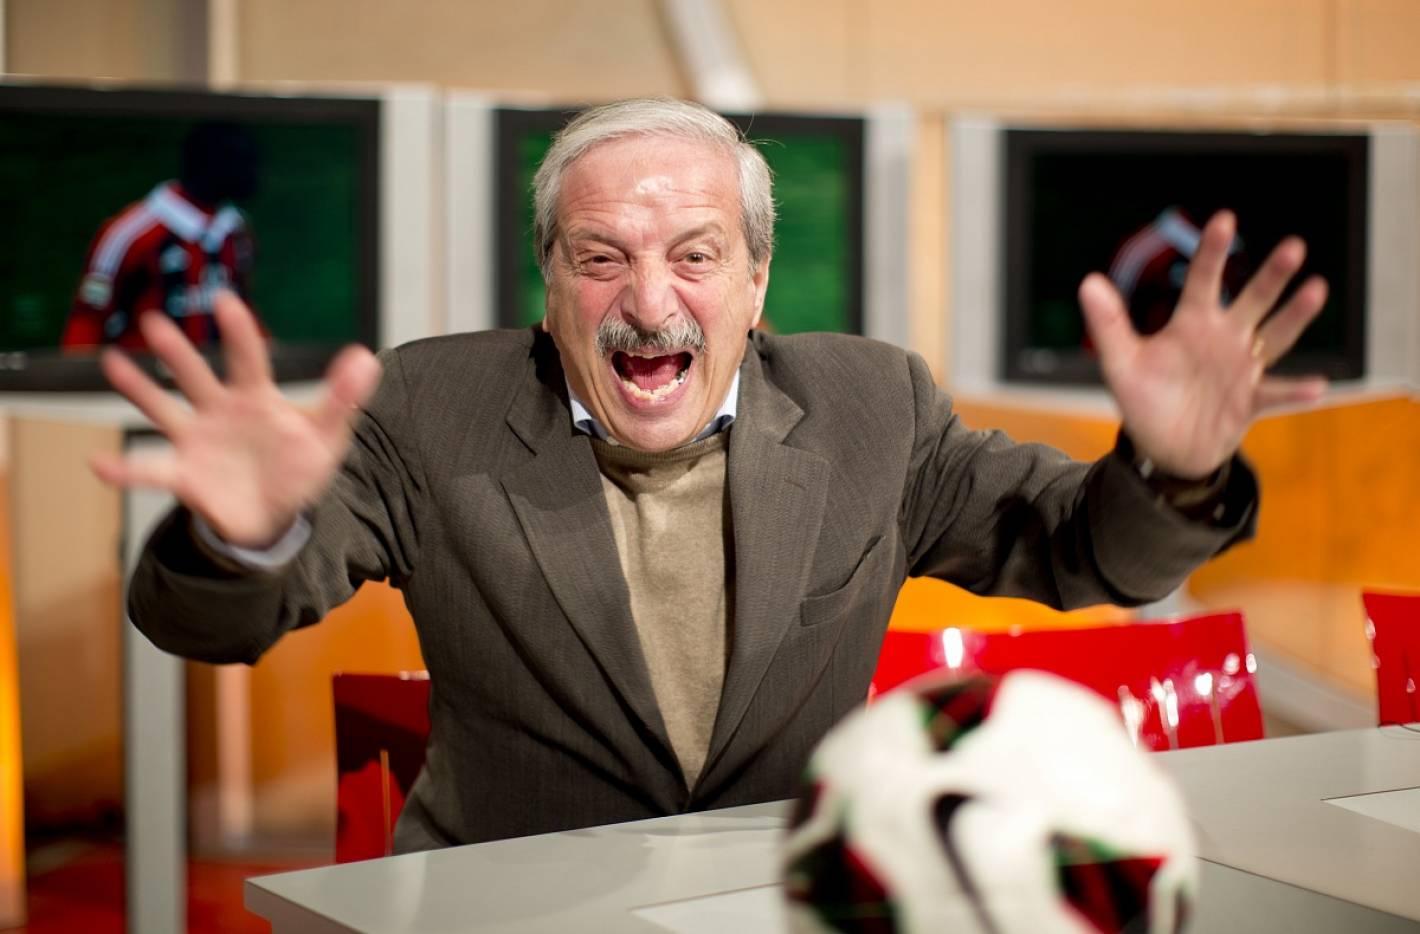 El Pagani de Italia: un periodista enloqueció con un gol ...